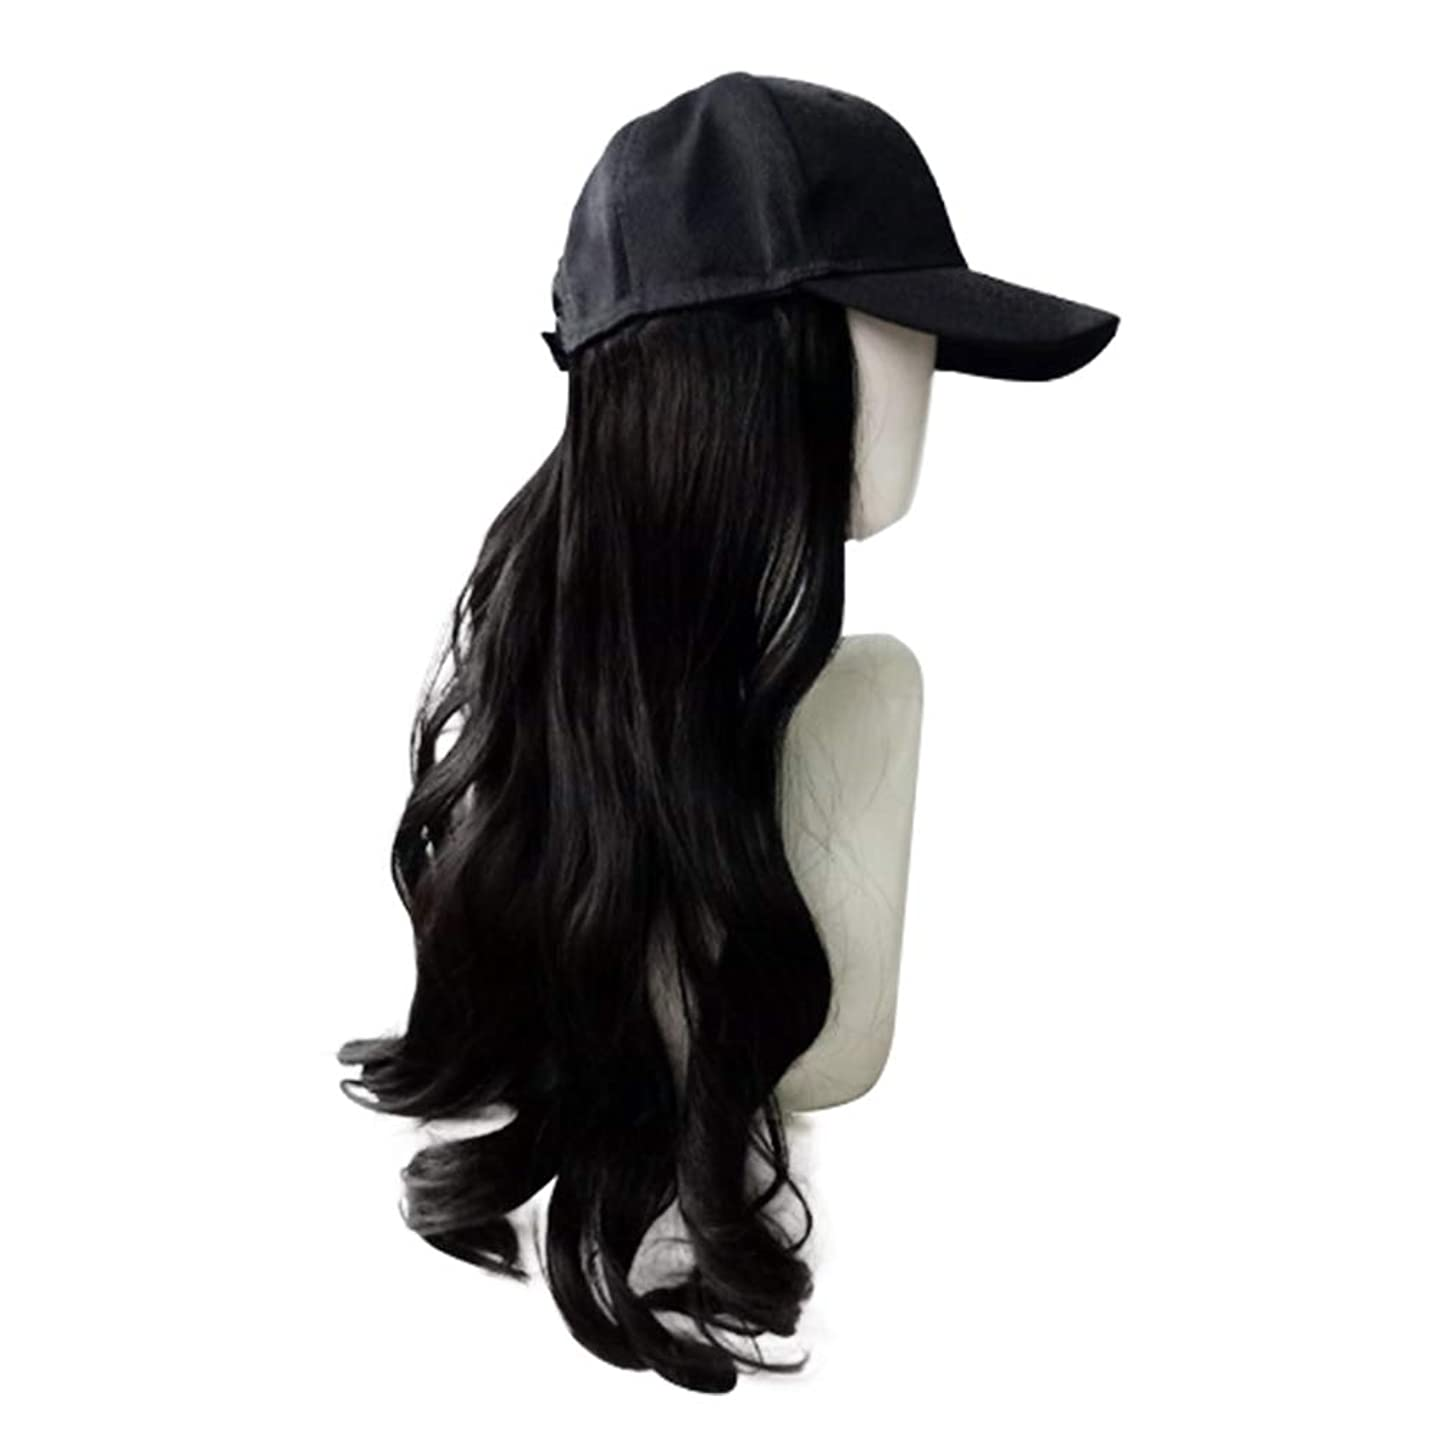 ファシズムライフルふくろう長い黒のかつら、帽子かつらシンプルなかつらファッションかつらキャップ自然なかつら女性の耐熱性のための長い波状の合成かつら